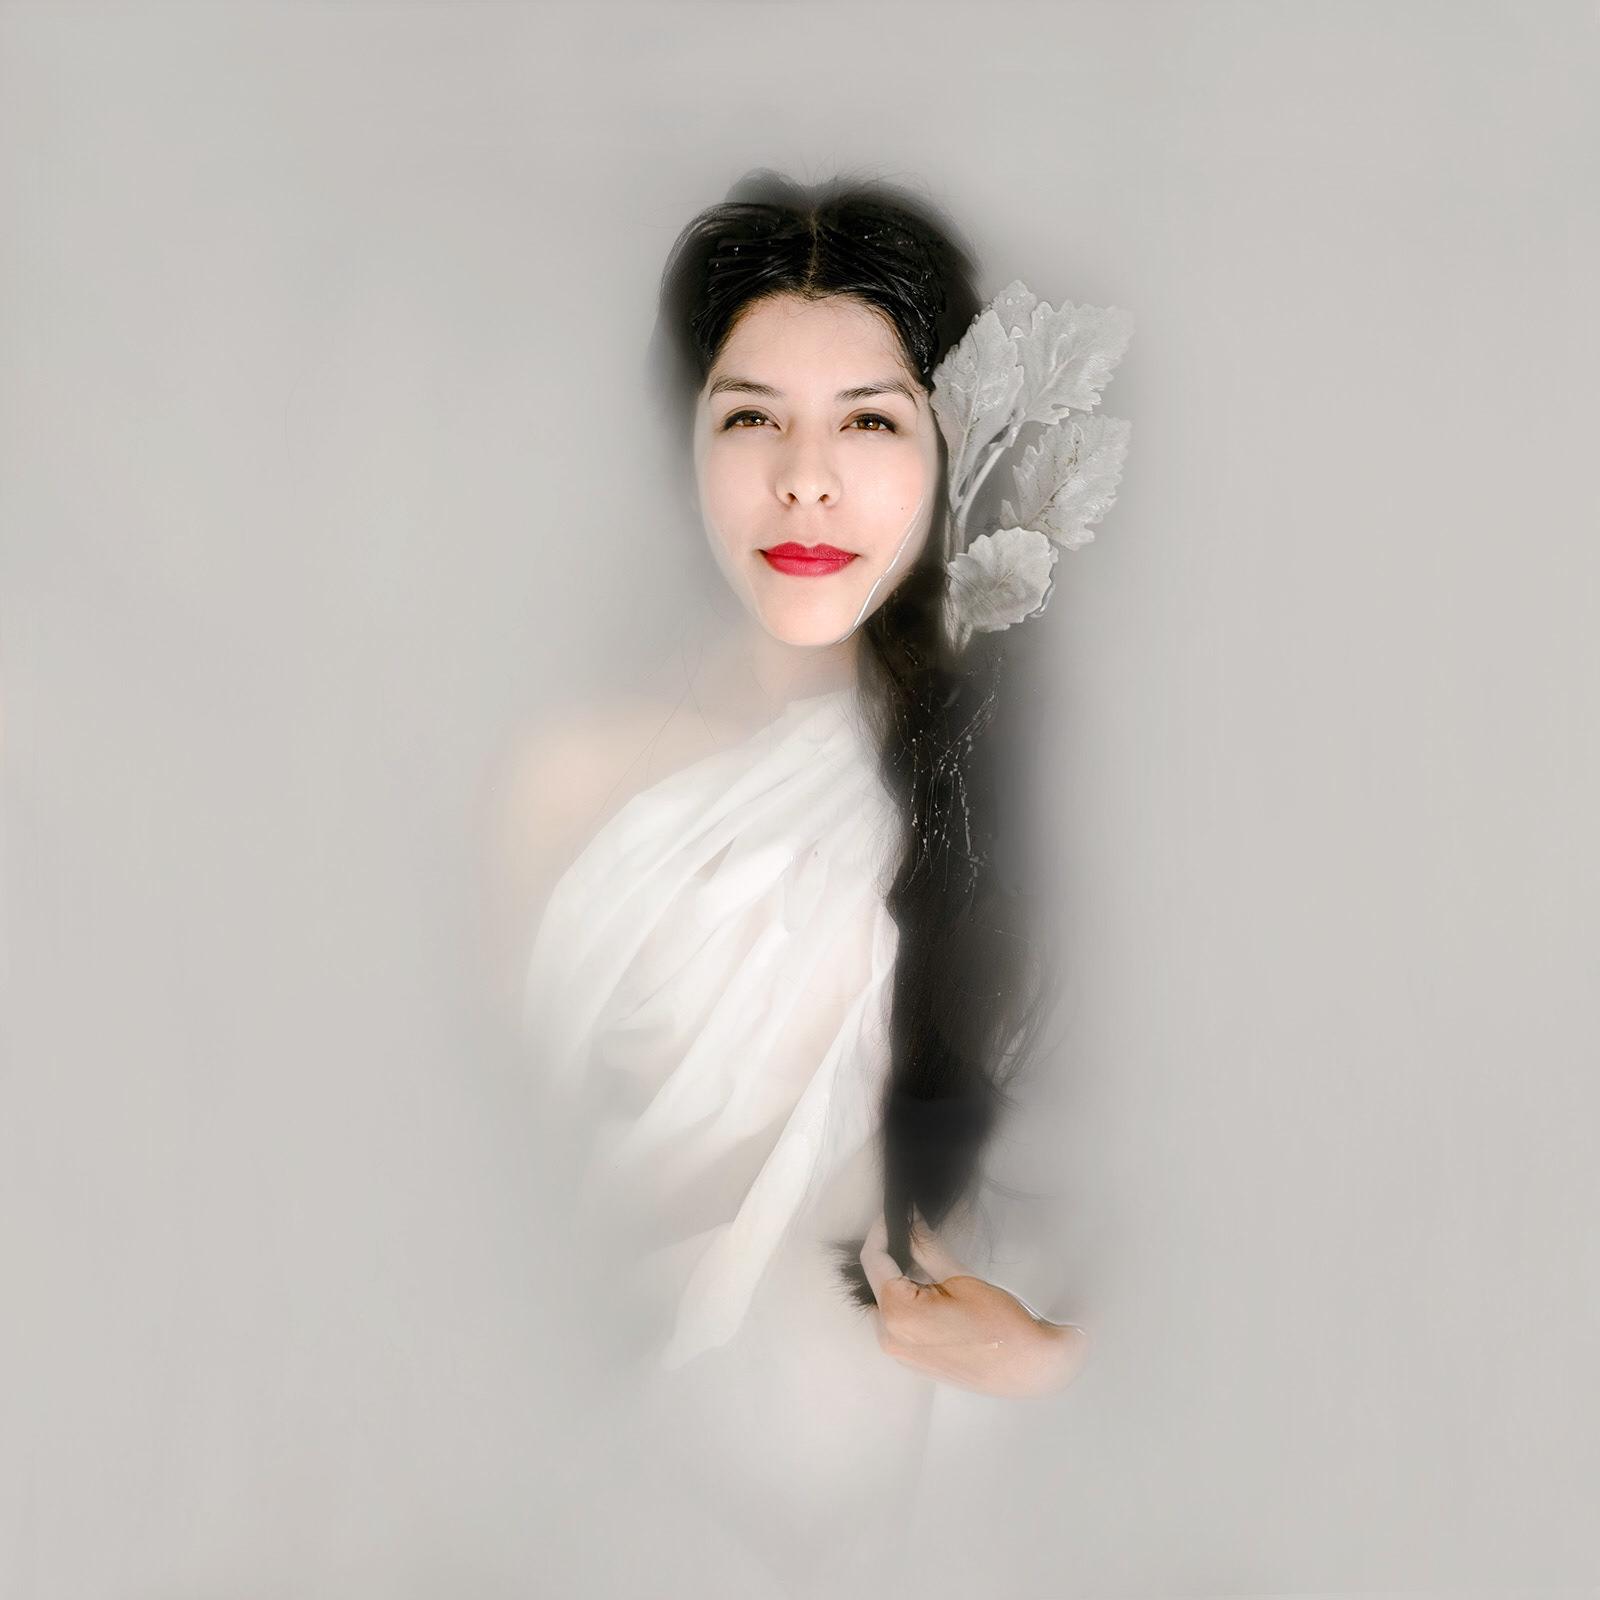 Goddess Milk Bath Portrait of Cyndy Alfaro by Jaclyn Le